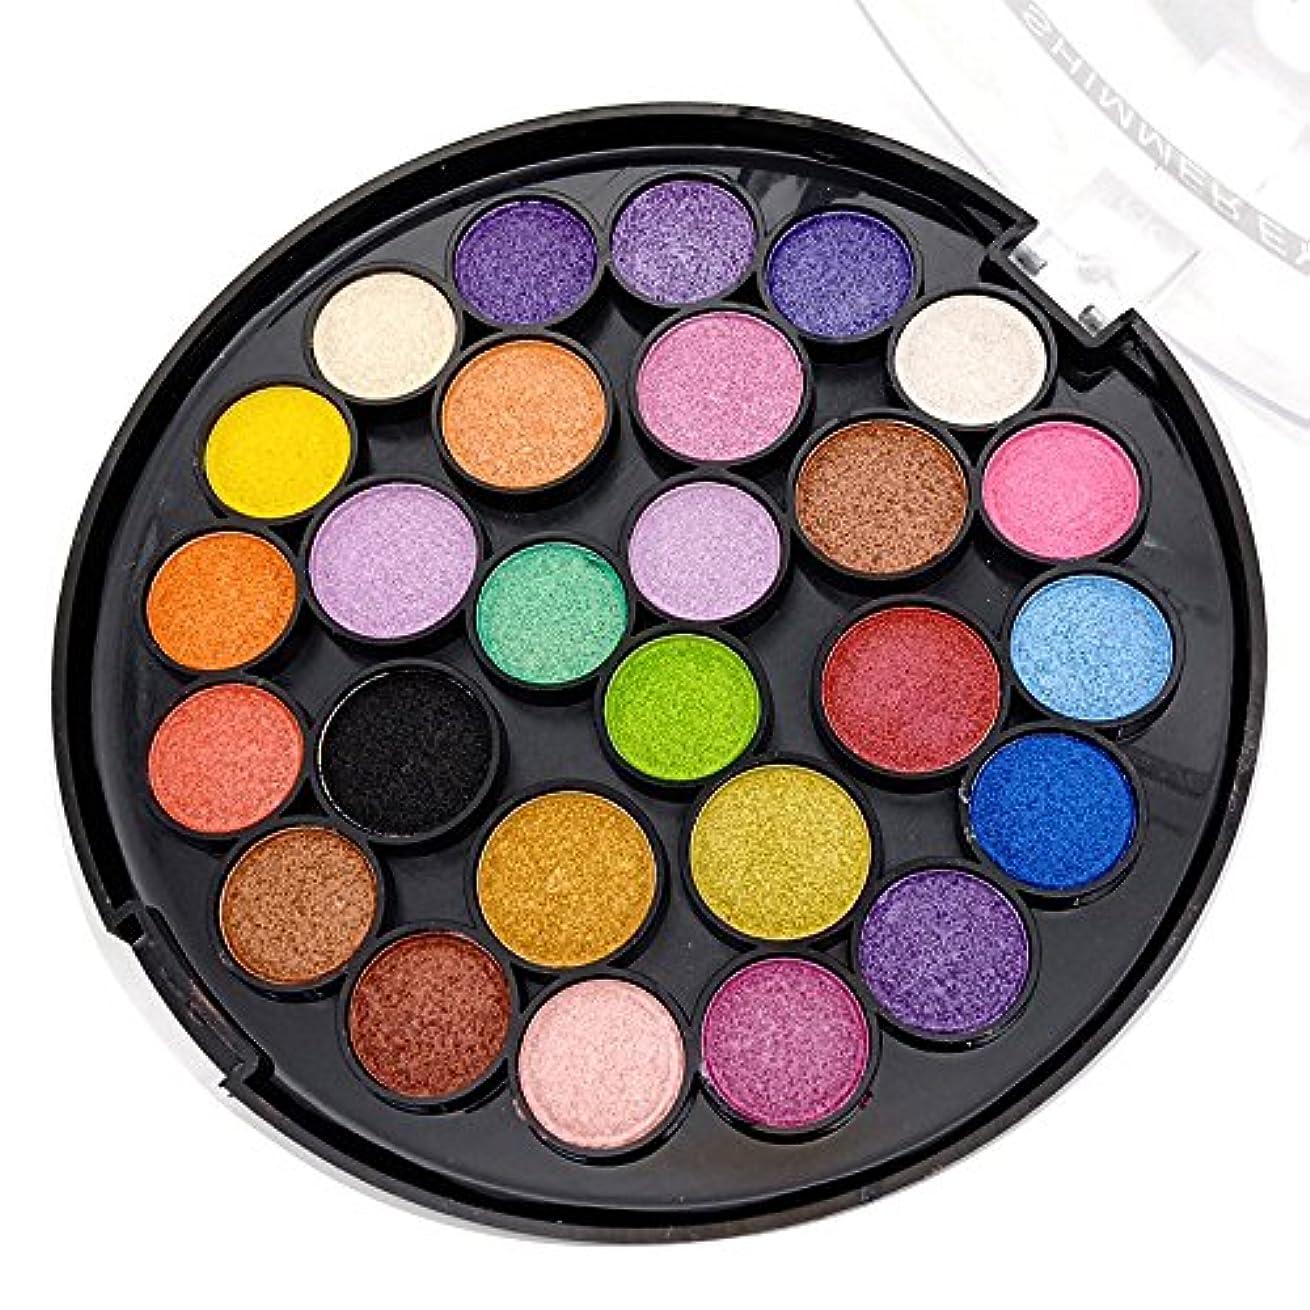 薄めるフクロウ醜いAkane アイシャドウパレット MISS ROSE ファッション マット 綺麗 防水 優雅な 人気 美しい 真珠光沢 つや消し 高級 持ち便利 日常 Eye Shadow (27色)